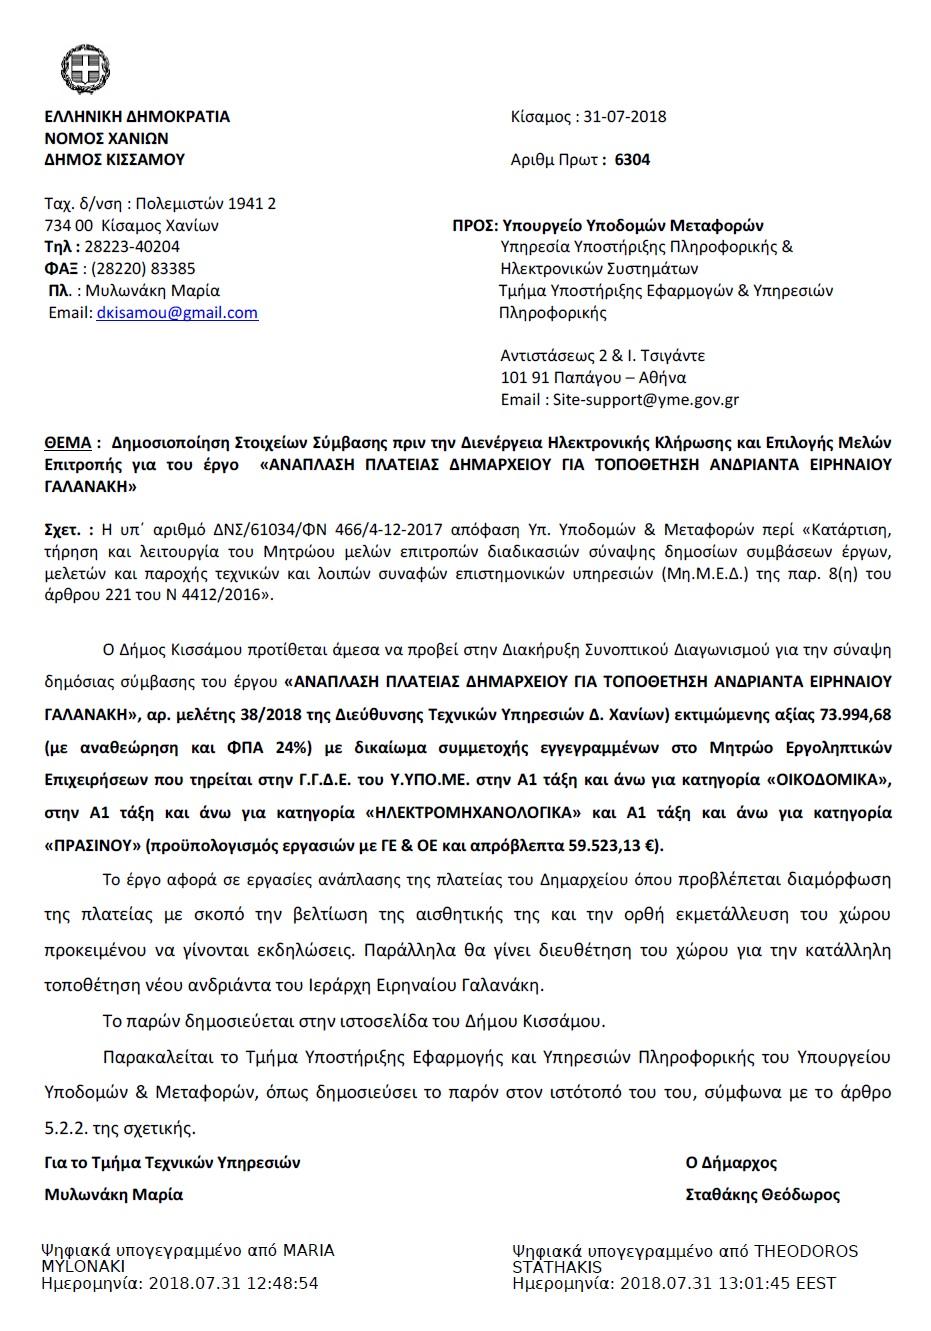 Δημοσιοποίηση Στοιχείων Σύμβασης πριν την Διενέργεια Ηλεκτρονικής Κλήρωσης και Επιλογής Μελών Επιτροπής για του έργο «ΑΝΑΠΛΑΣΗ ΠΛΑΤΕΙΑΣ ΔΗΜΑΡΧΕΙΟΥ ΓΙΑ ΤΟΠΟΘΕΤΗΣΗ ΑΝΔΡΙΑΝΤΑ ΕΙΡΗΝΑΙΟΥ ΓΑΛΑΝΑΚΗ»